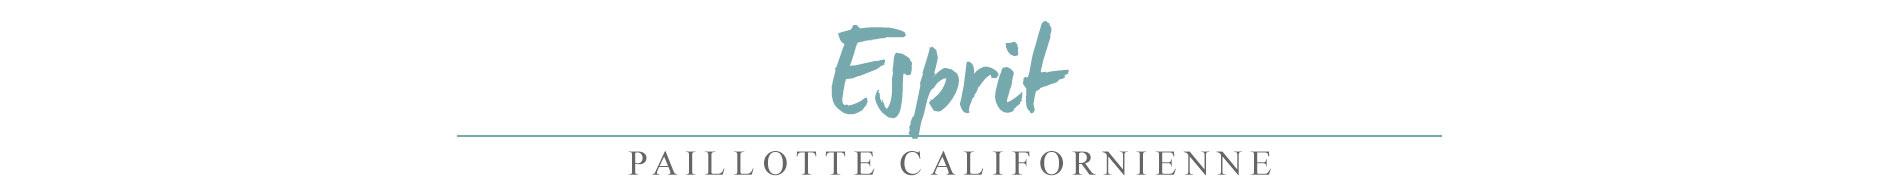 des restaurants aussi beaux que bons, restaurants, tendance tropicale, esprit paillotte californienne